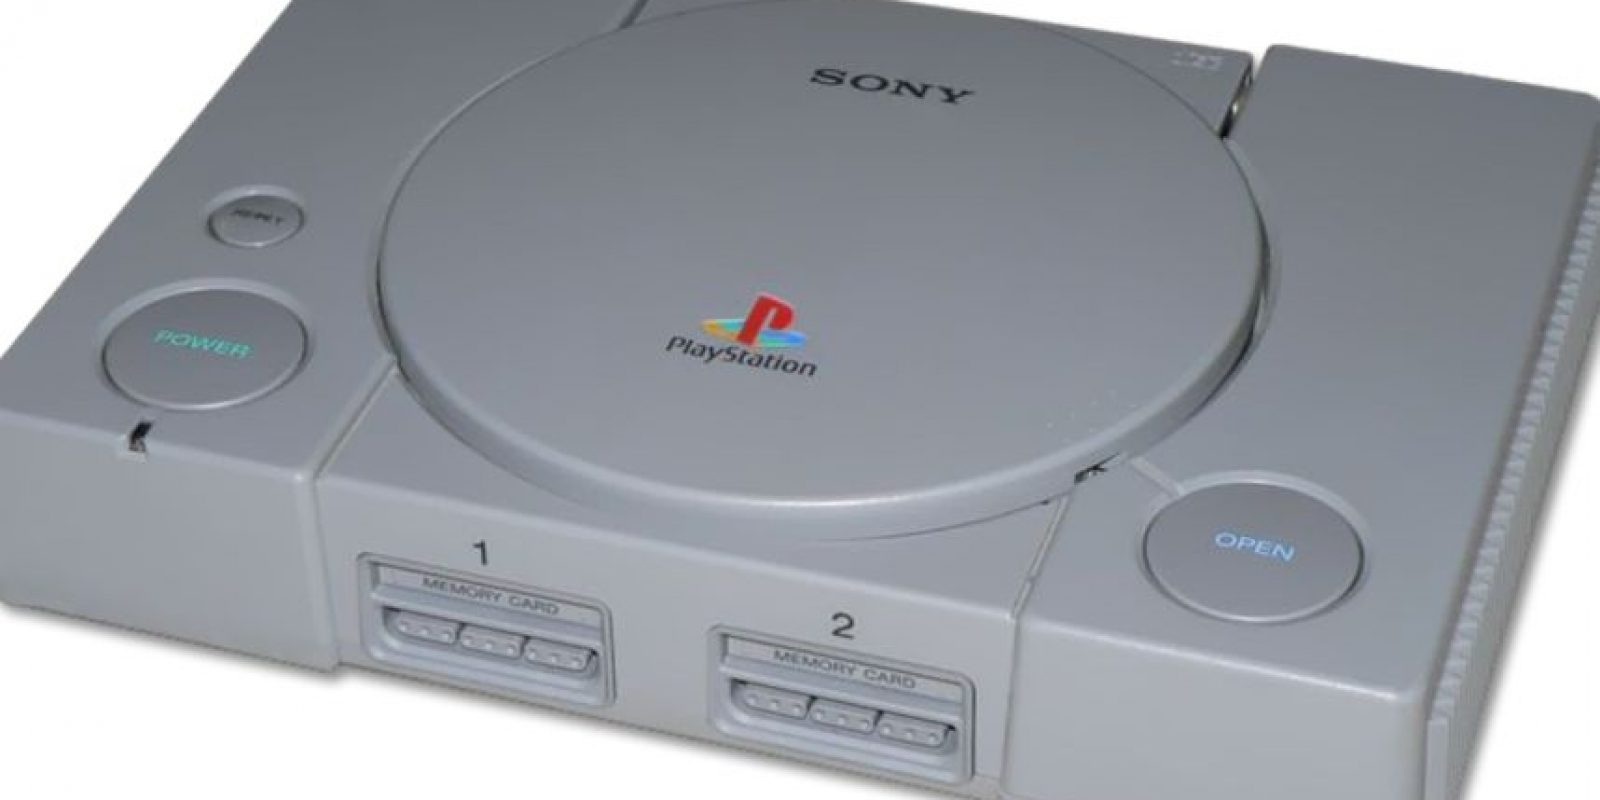 PlayStation One es una videoconsola de sobremesa de 32 bits lanzada por Sony Computer Entertainment. fue pionera en el empleo del CD-ROM como soporte de almacenamiento para sus juegos Foto:Sony